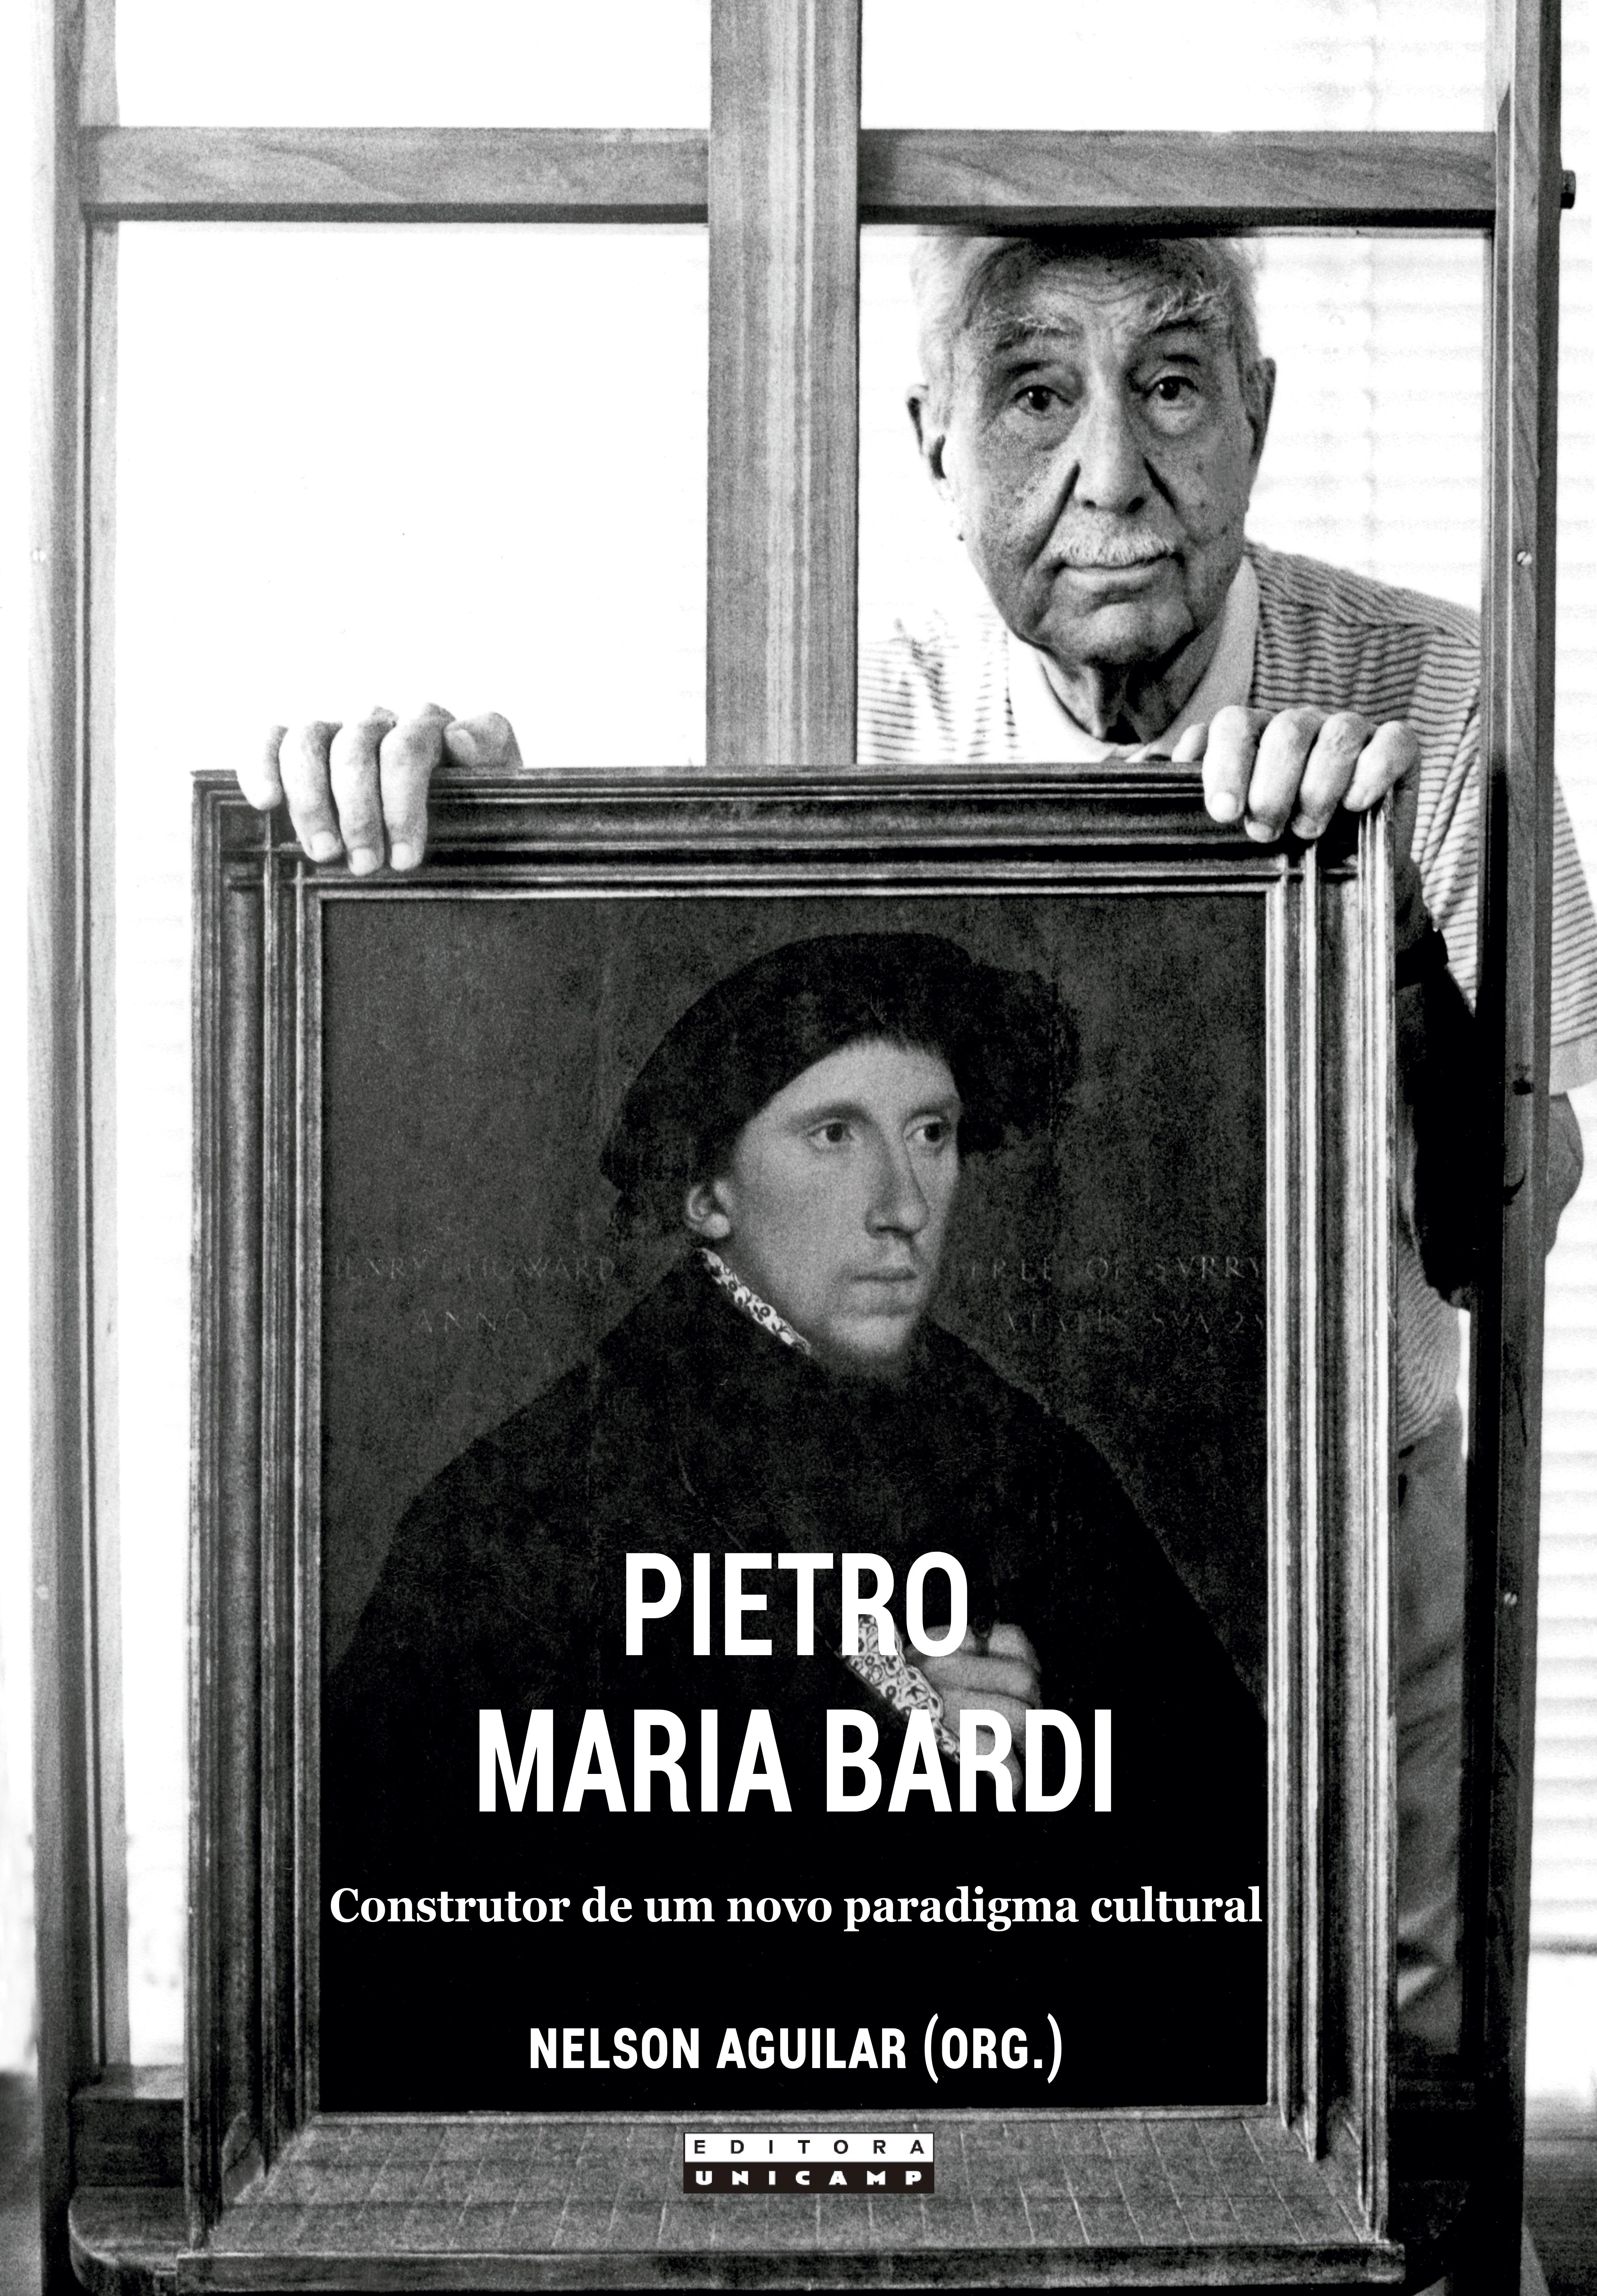 Pietro Maria Bardi - Construtor de um novo paradigma cultural, livro de Nelson Aguilar